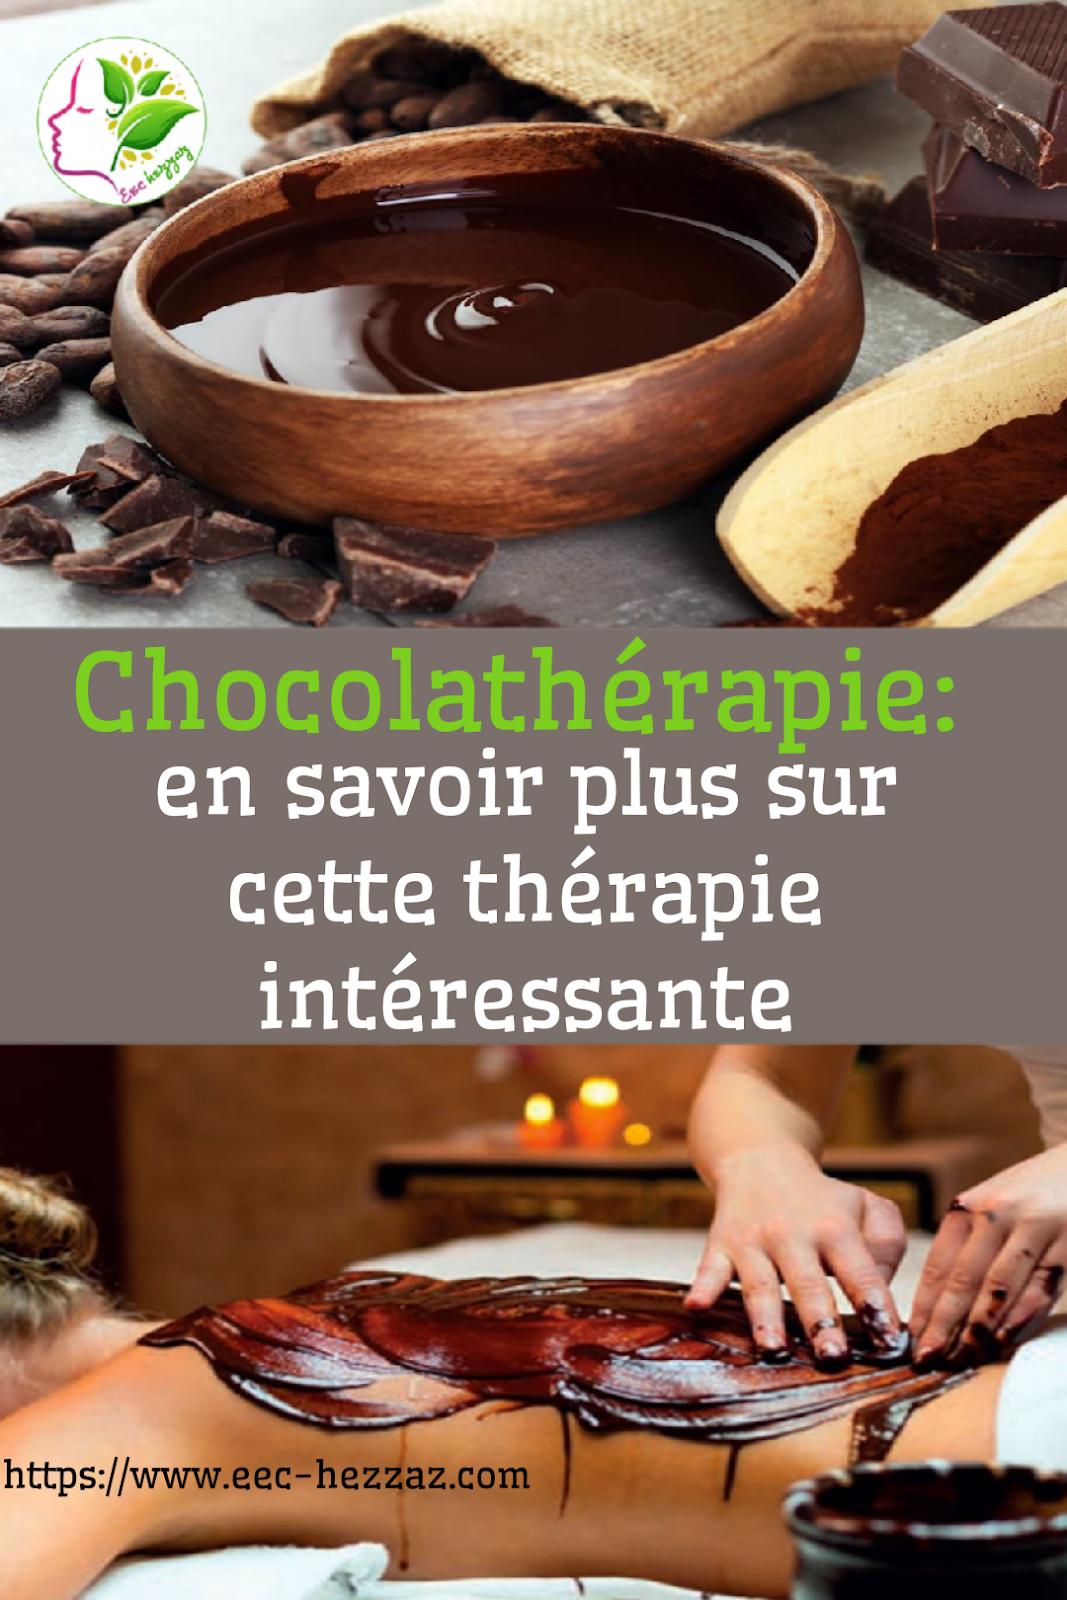 Chocolathérapie: en savoir plus sur cette thérapie intéressante